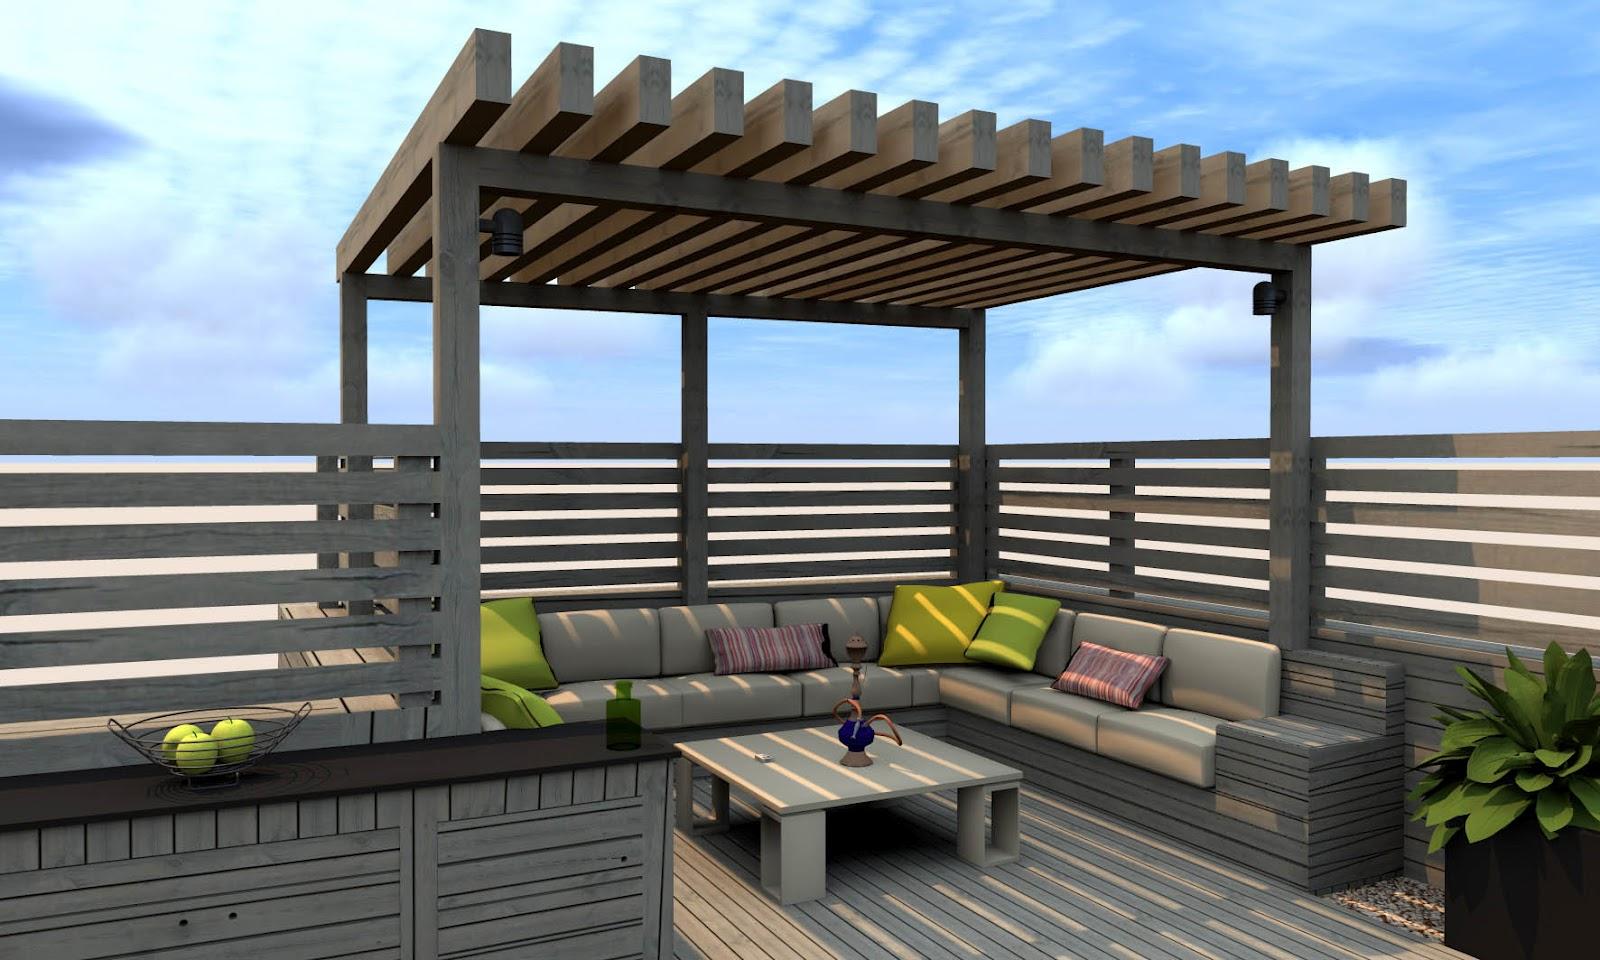 Terraza de diseno dise os arquitect nicos for Diseno terrazas modernas